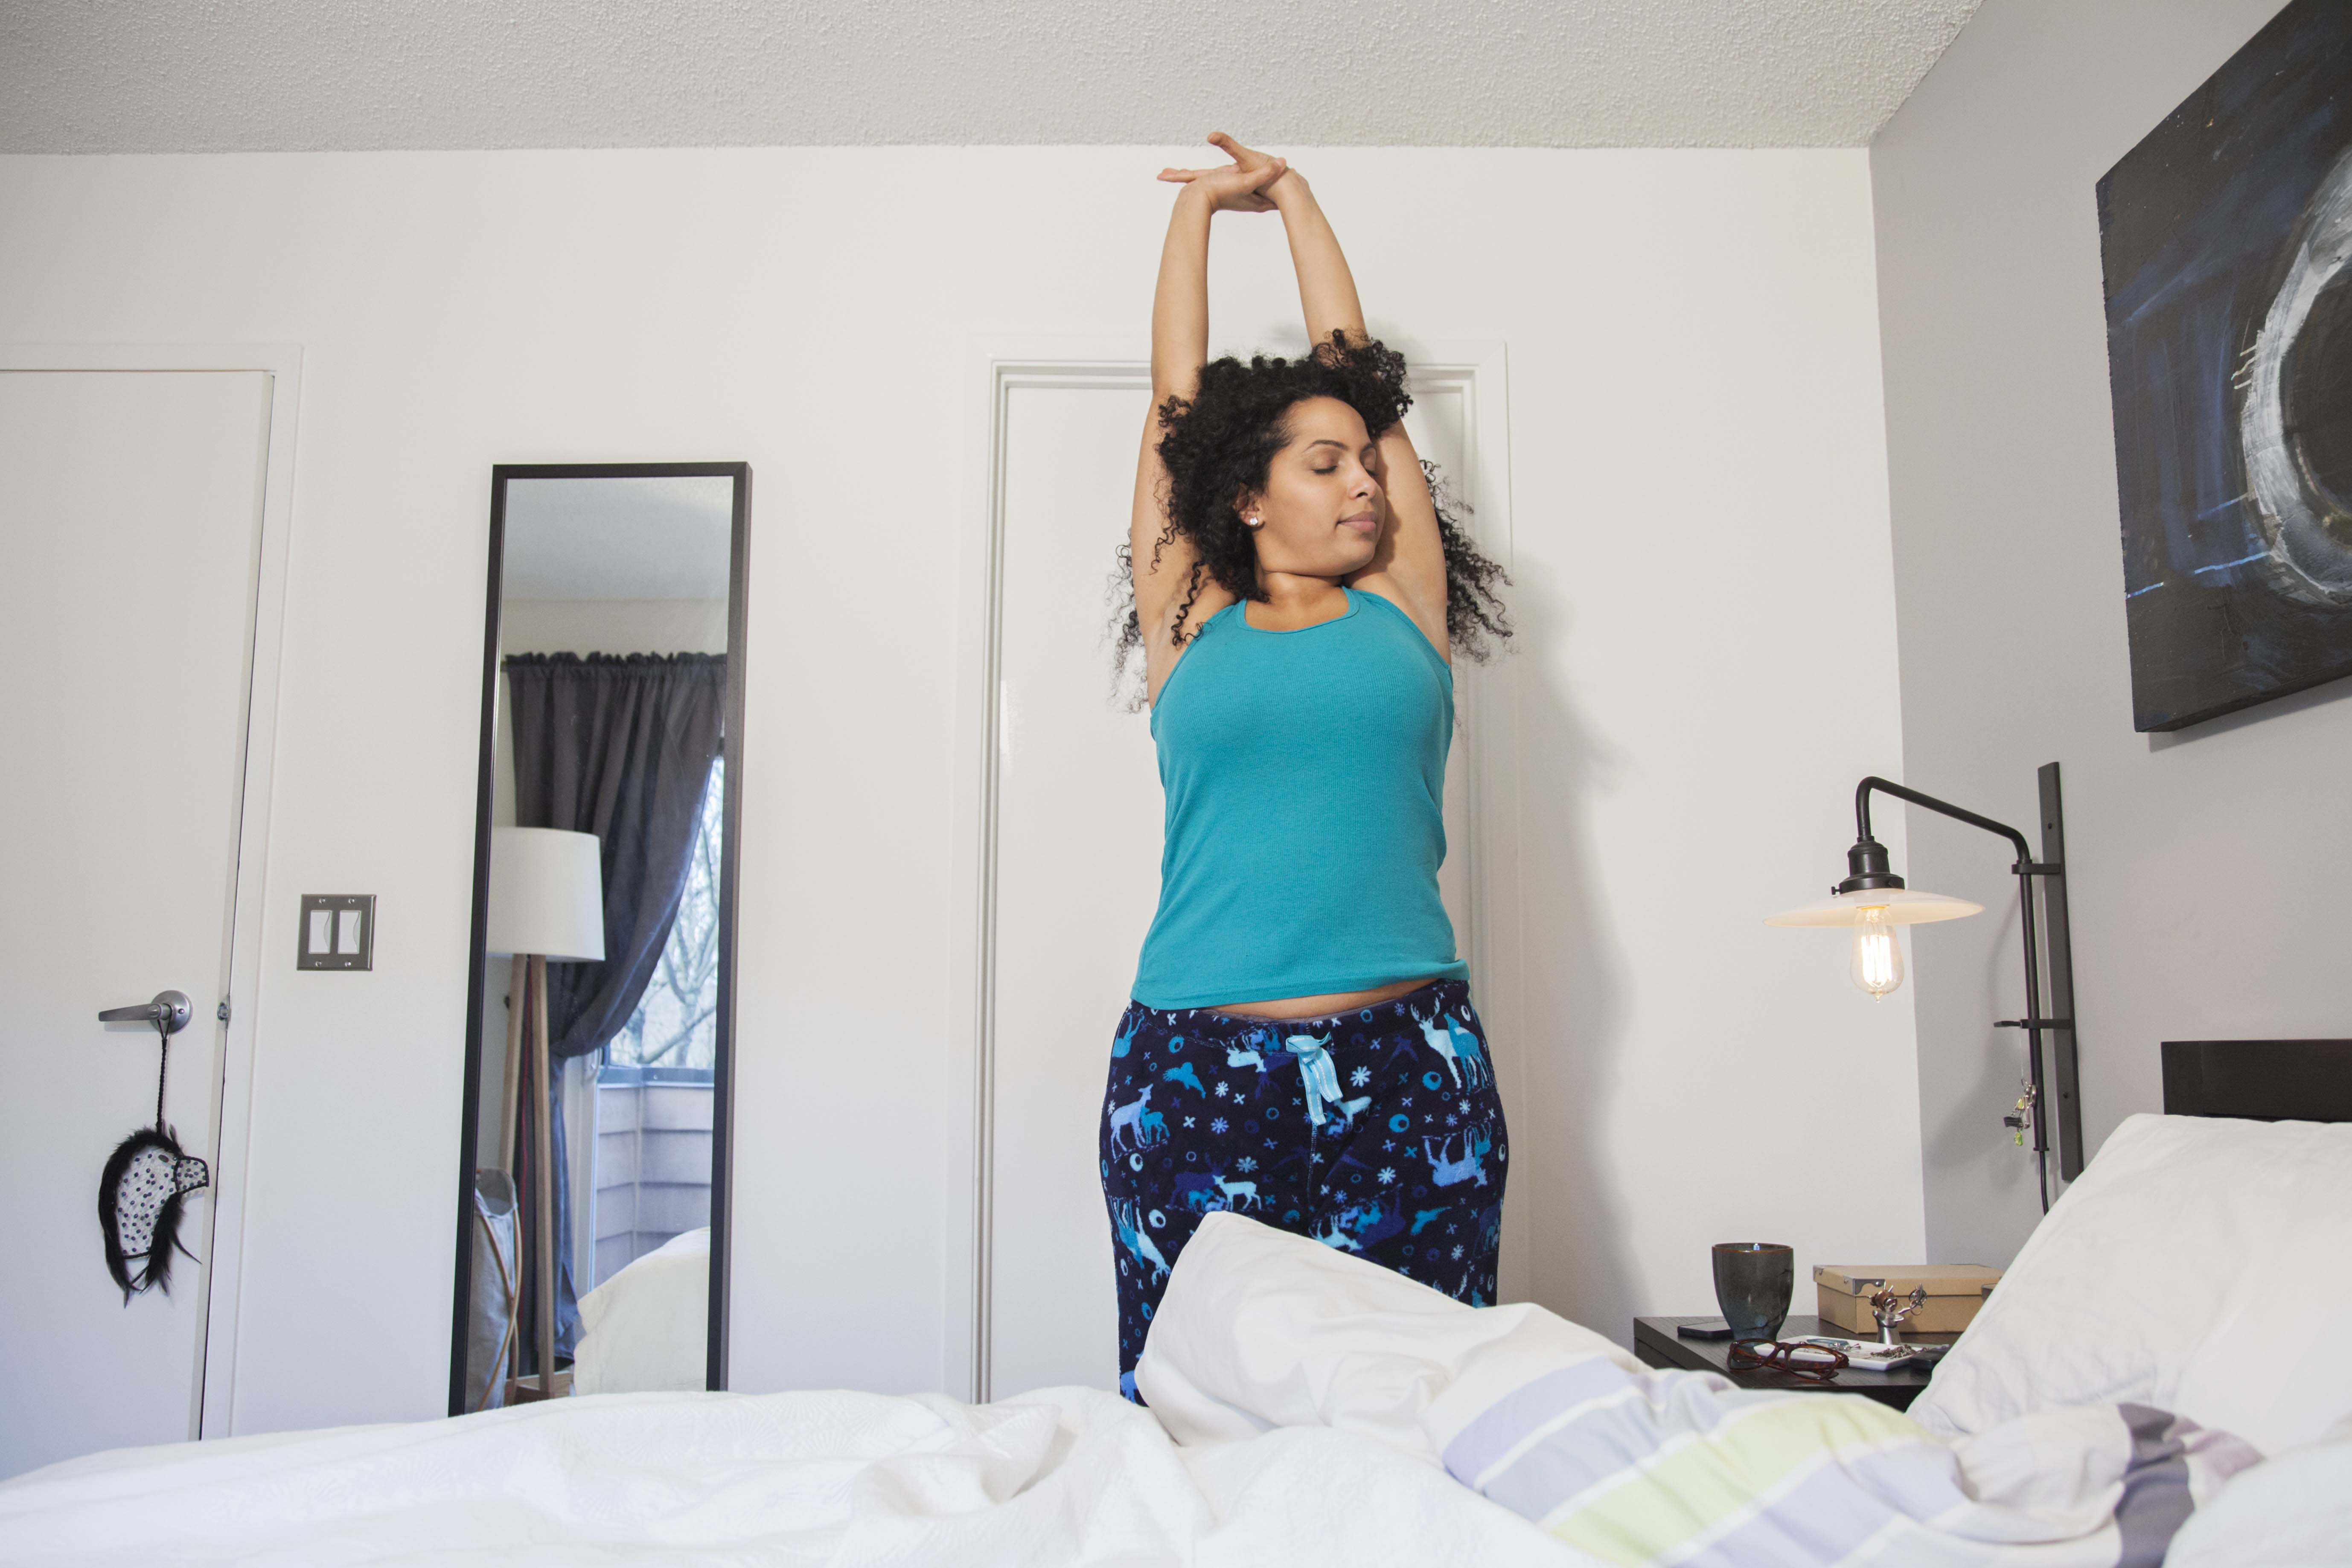 Mal di schiena: i 3 esercizi da fare ogni mattina - Starbene